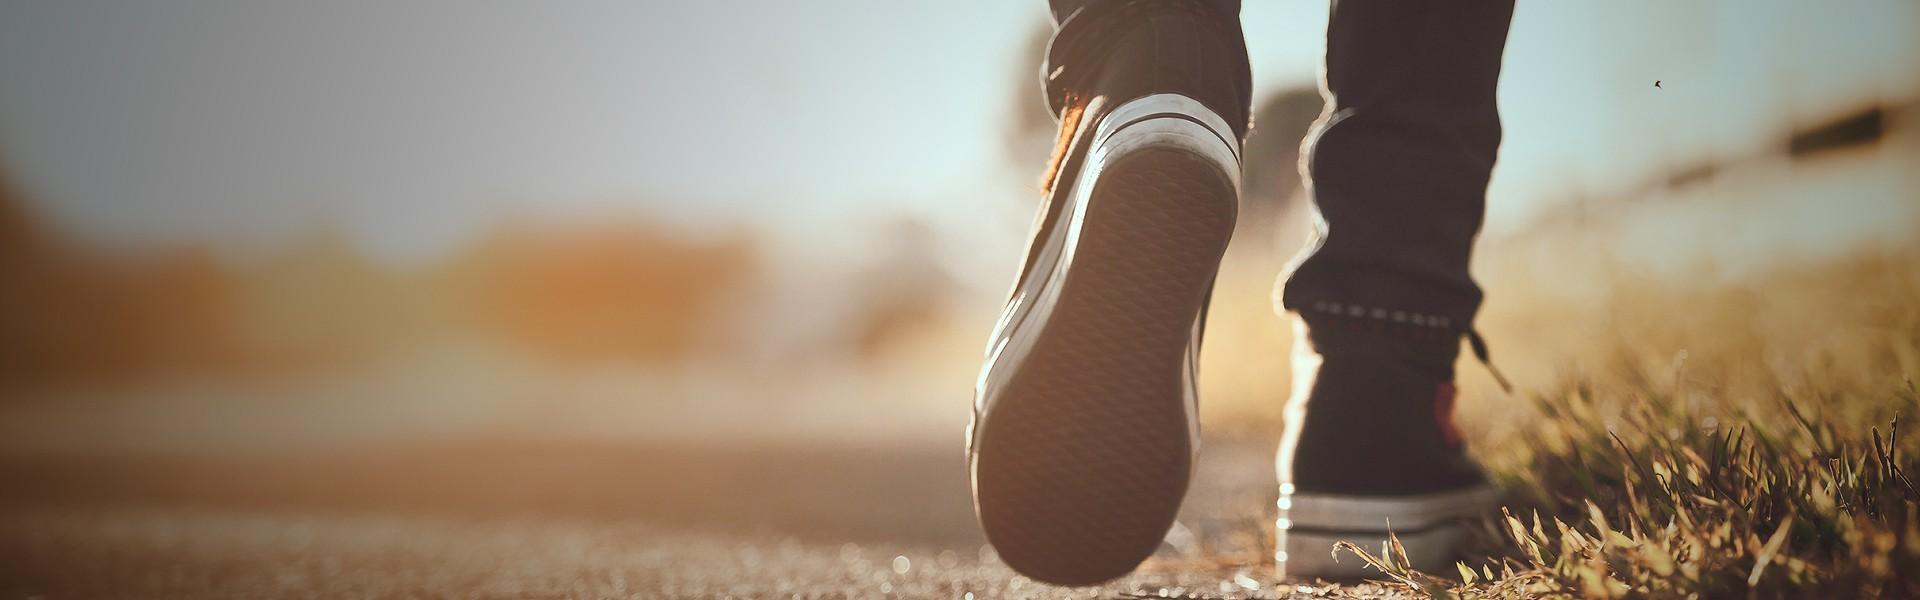 a258d10ed4 Articoli sportivi per sneaker - Acquista online su Sportland